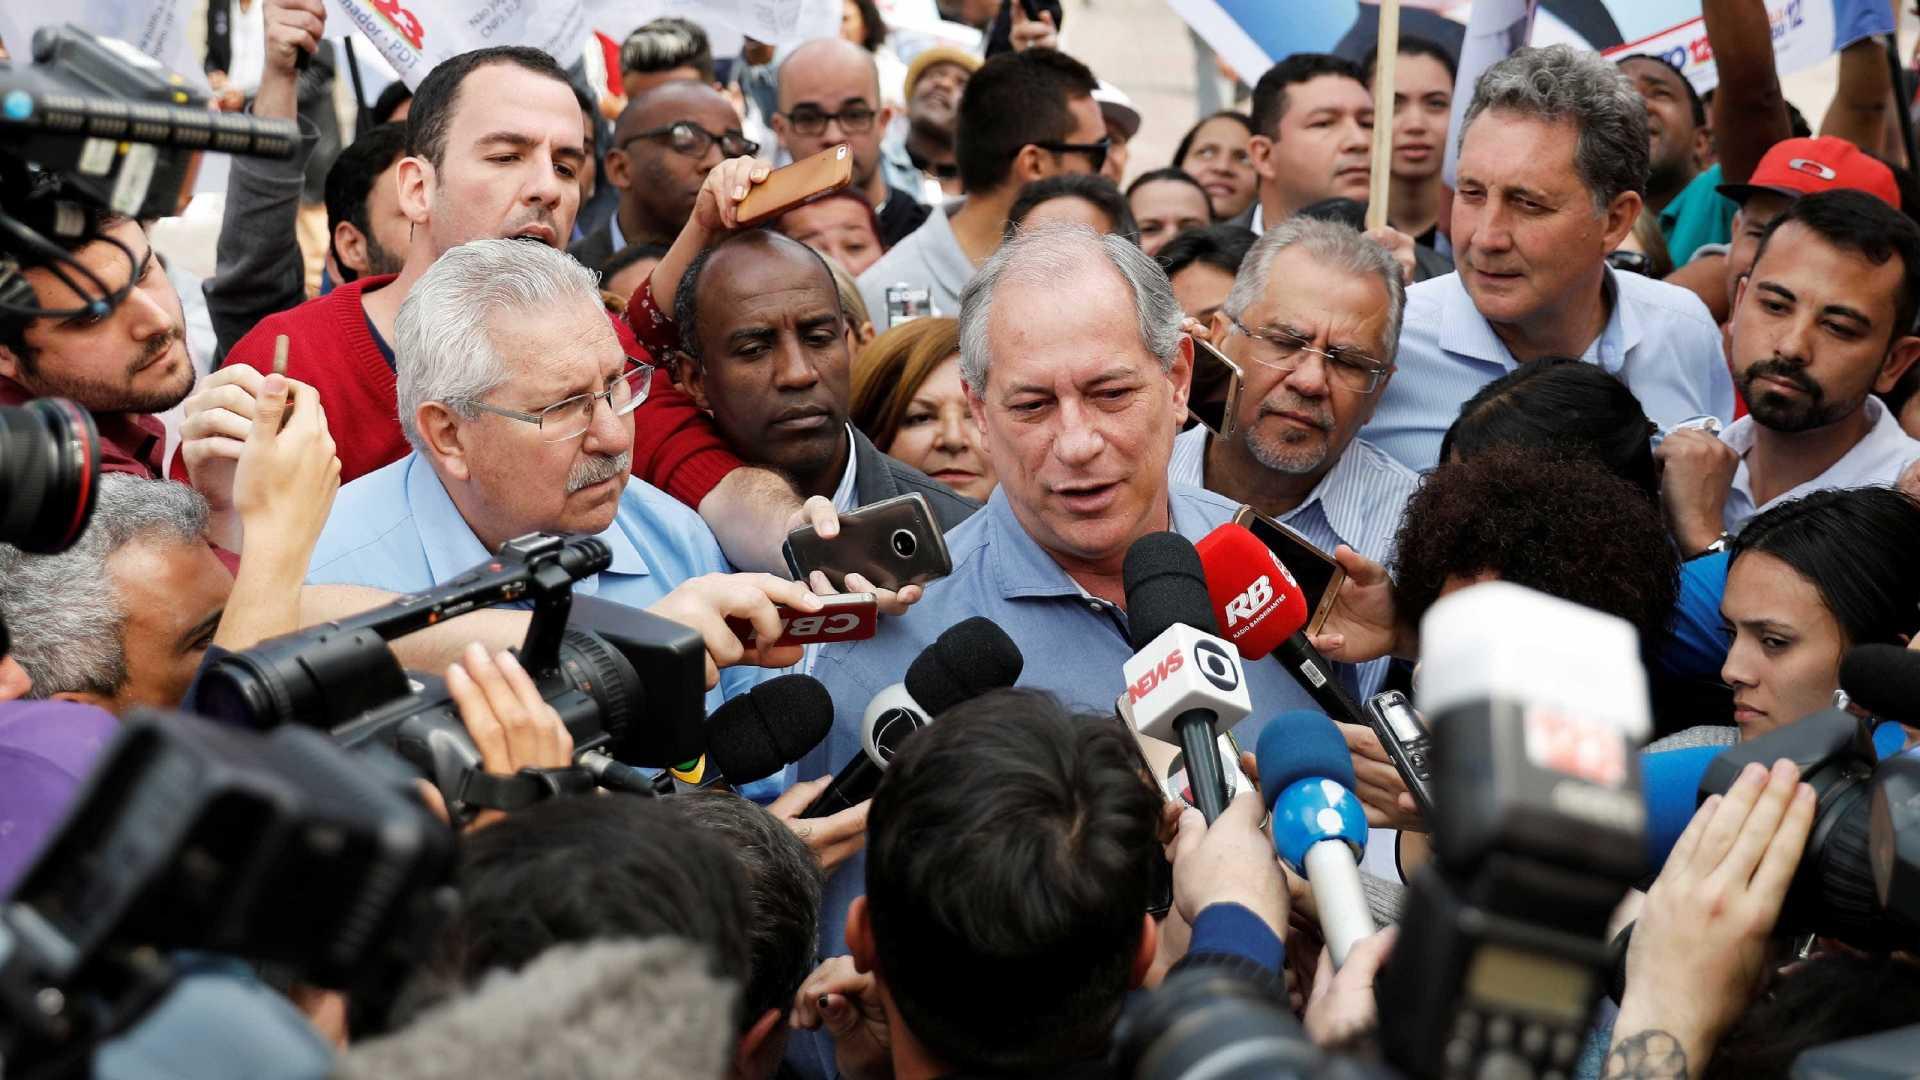 naom 5b9c058681d17 - Magoado com Lula, Ciro deve anunciar apoio crítico a Haddad